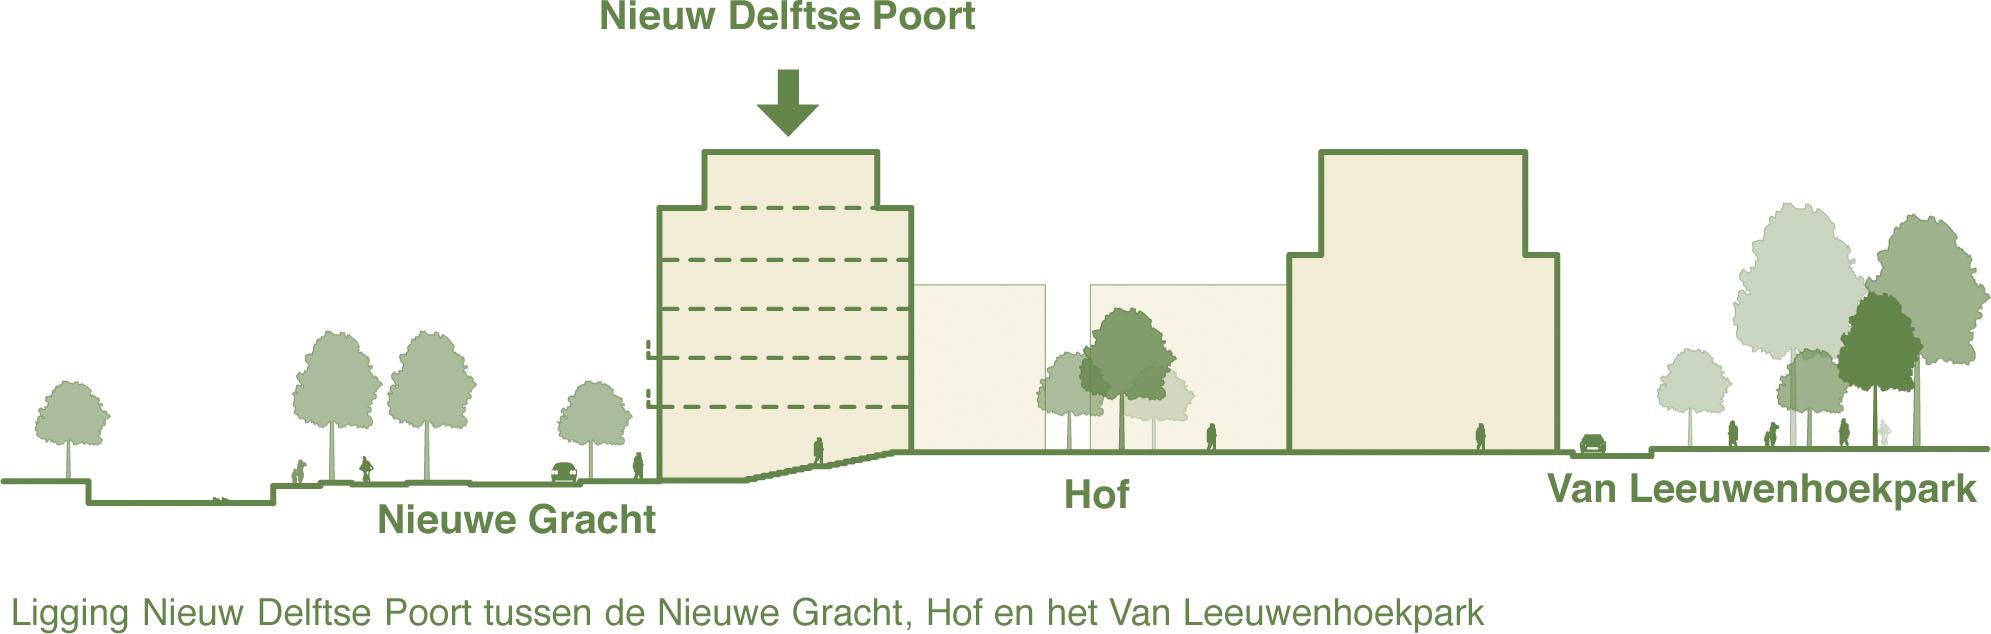 Getekende plattegrond met locatie van Nieuw Delftse Poort